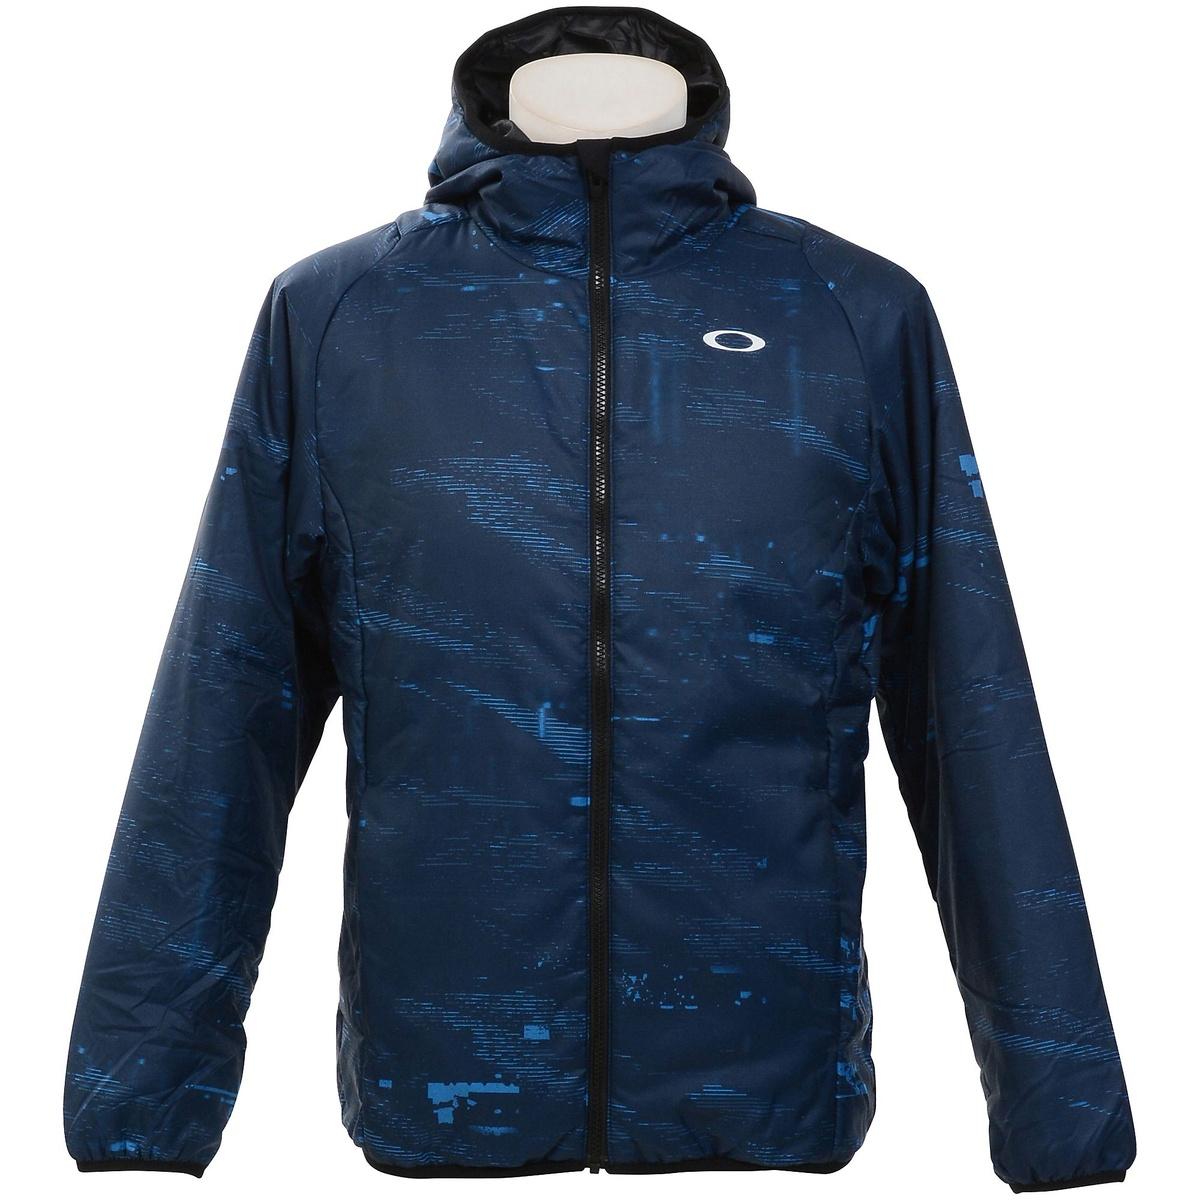 【送料無料】 OAKLEY(オークリー) メンズスポーツウェア ウインドアップジャケット ENHANCE GRAPHIC INSULATION JACKET 8.7 メンズ FATHOM 412628JP-6AC